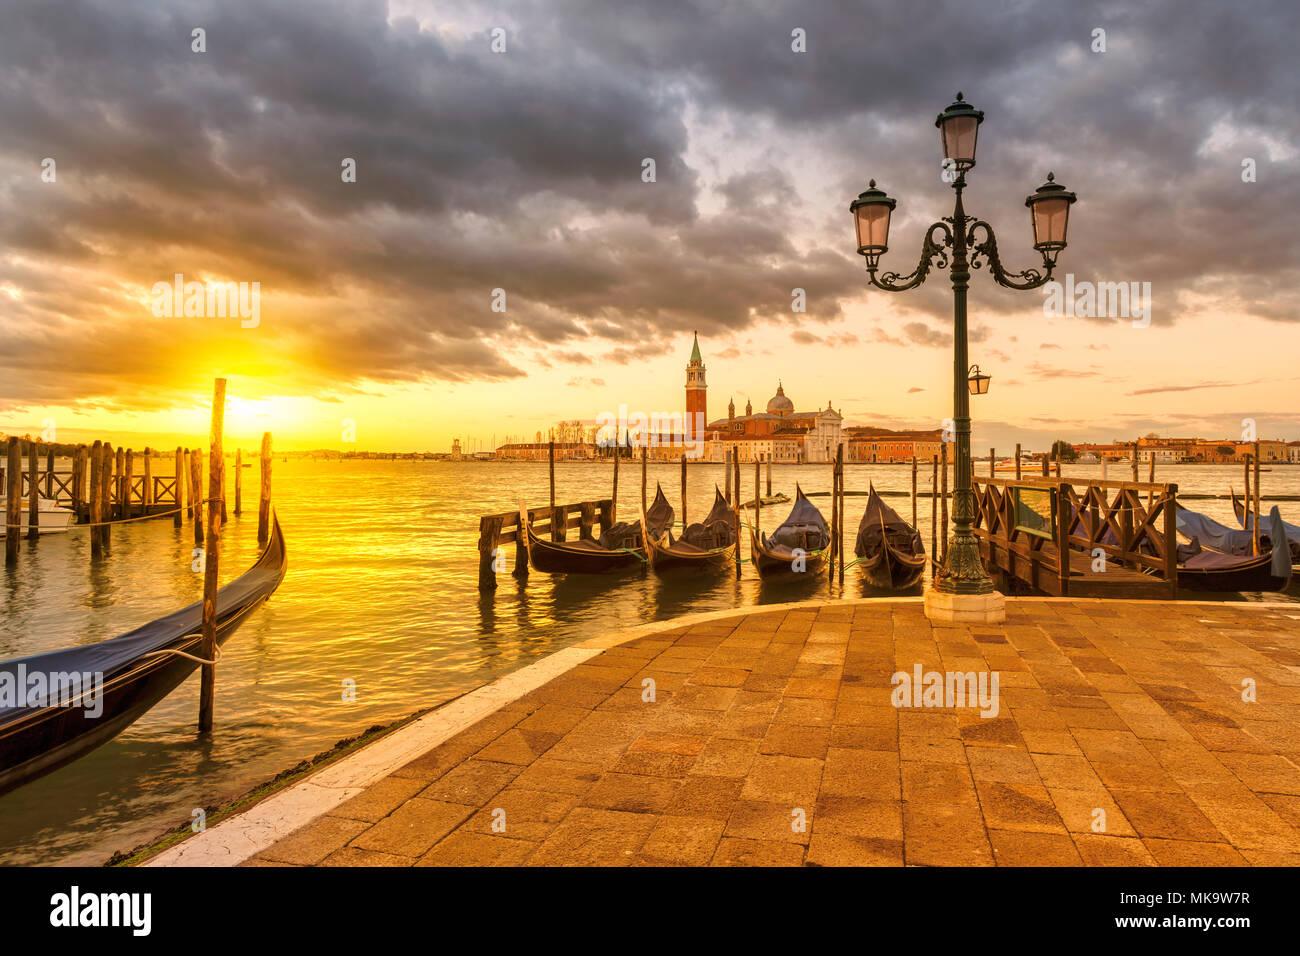 Lever de Venise, Italie Banque D'Images